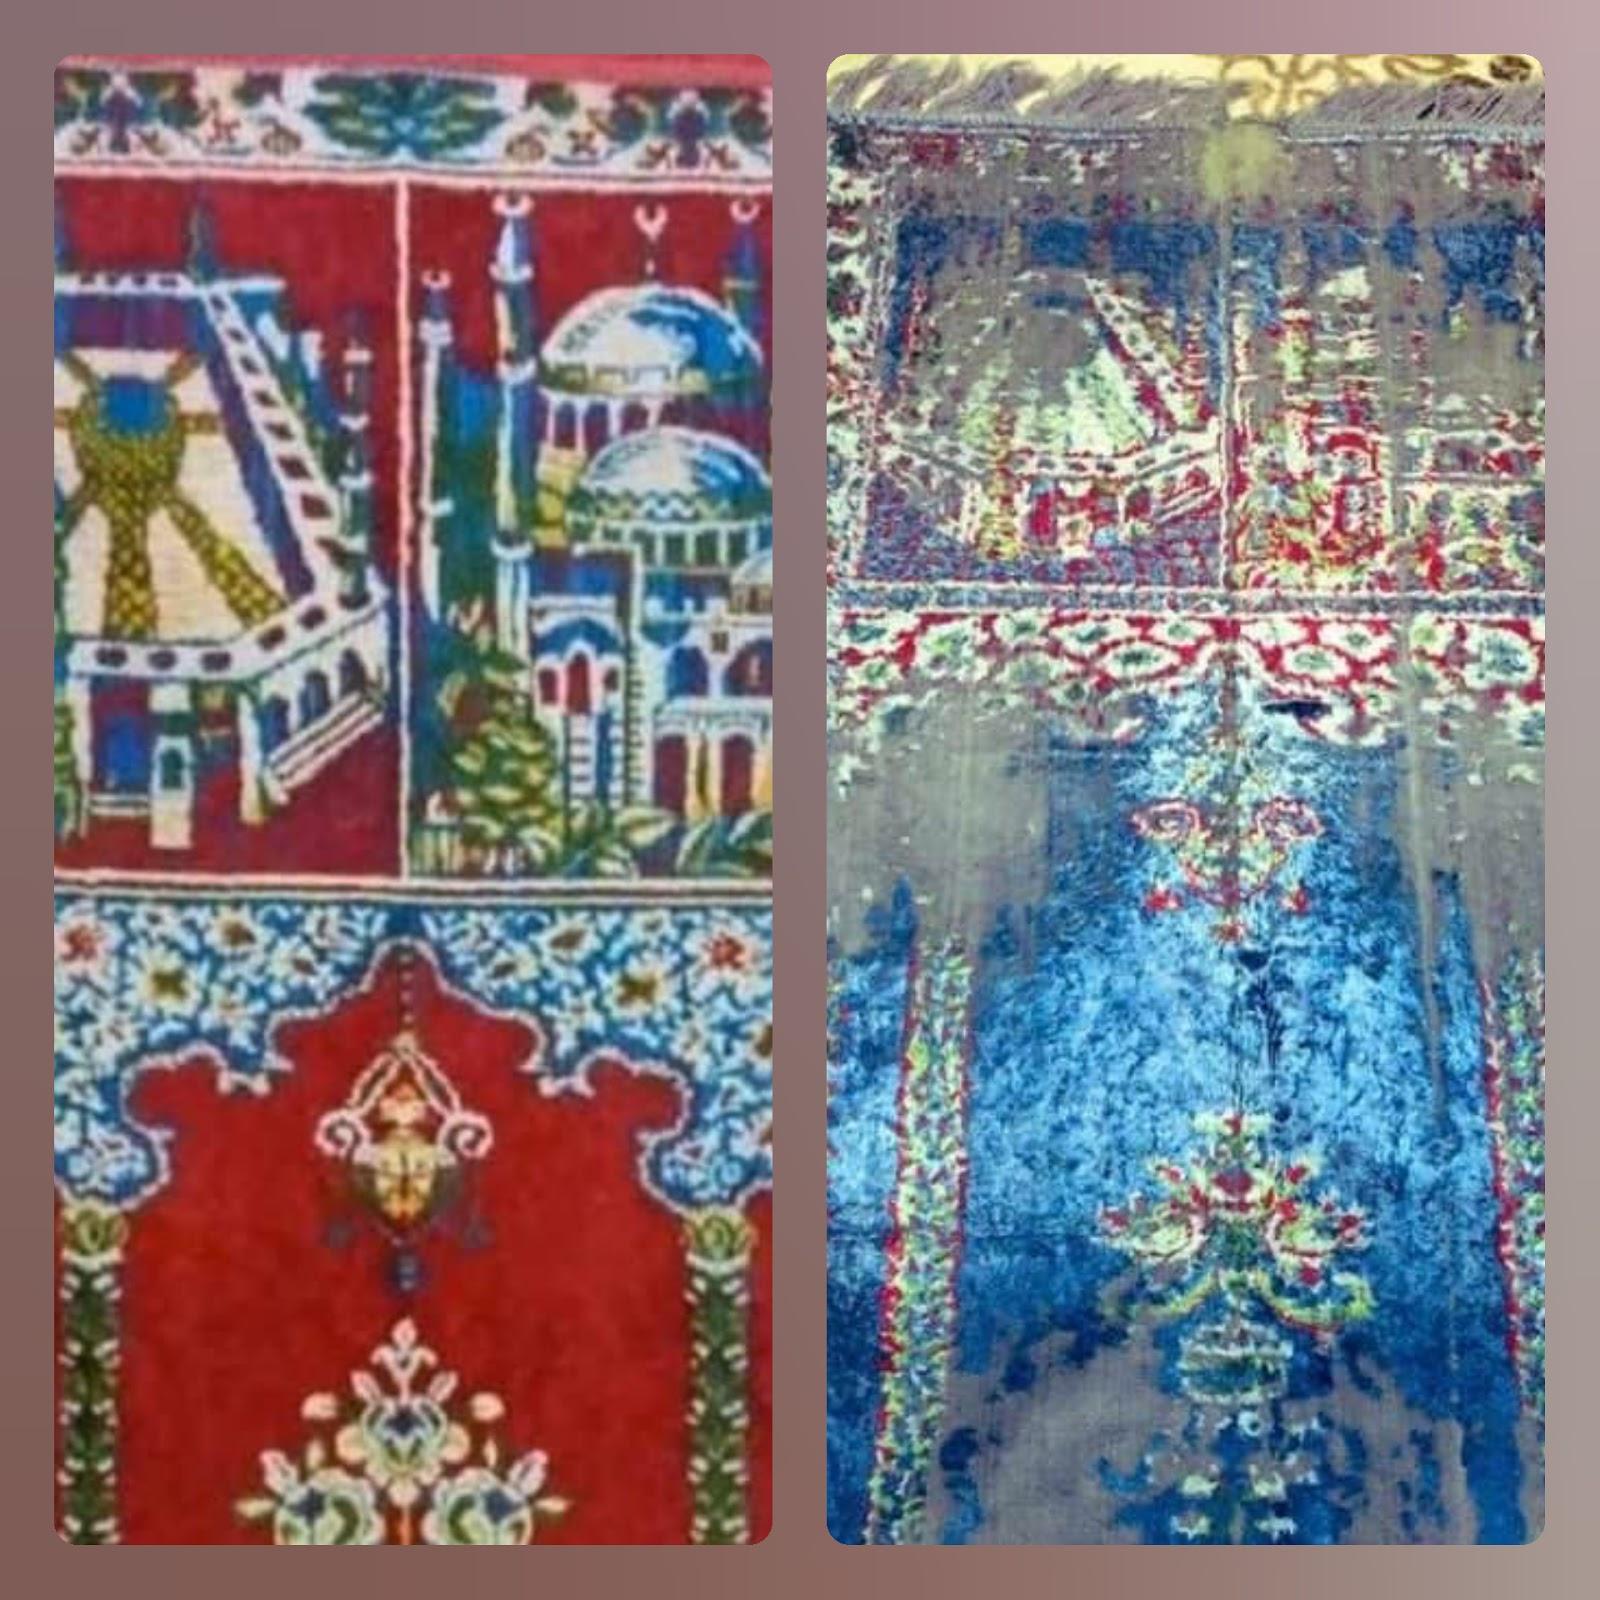 Pesan Tersembunyi di Balik Sajadah Jadul Bergambar Hagia Sophia